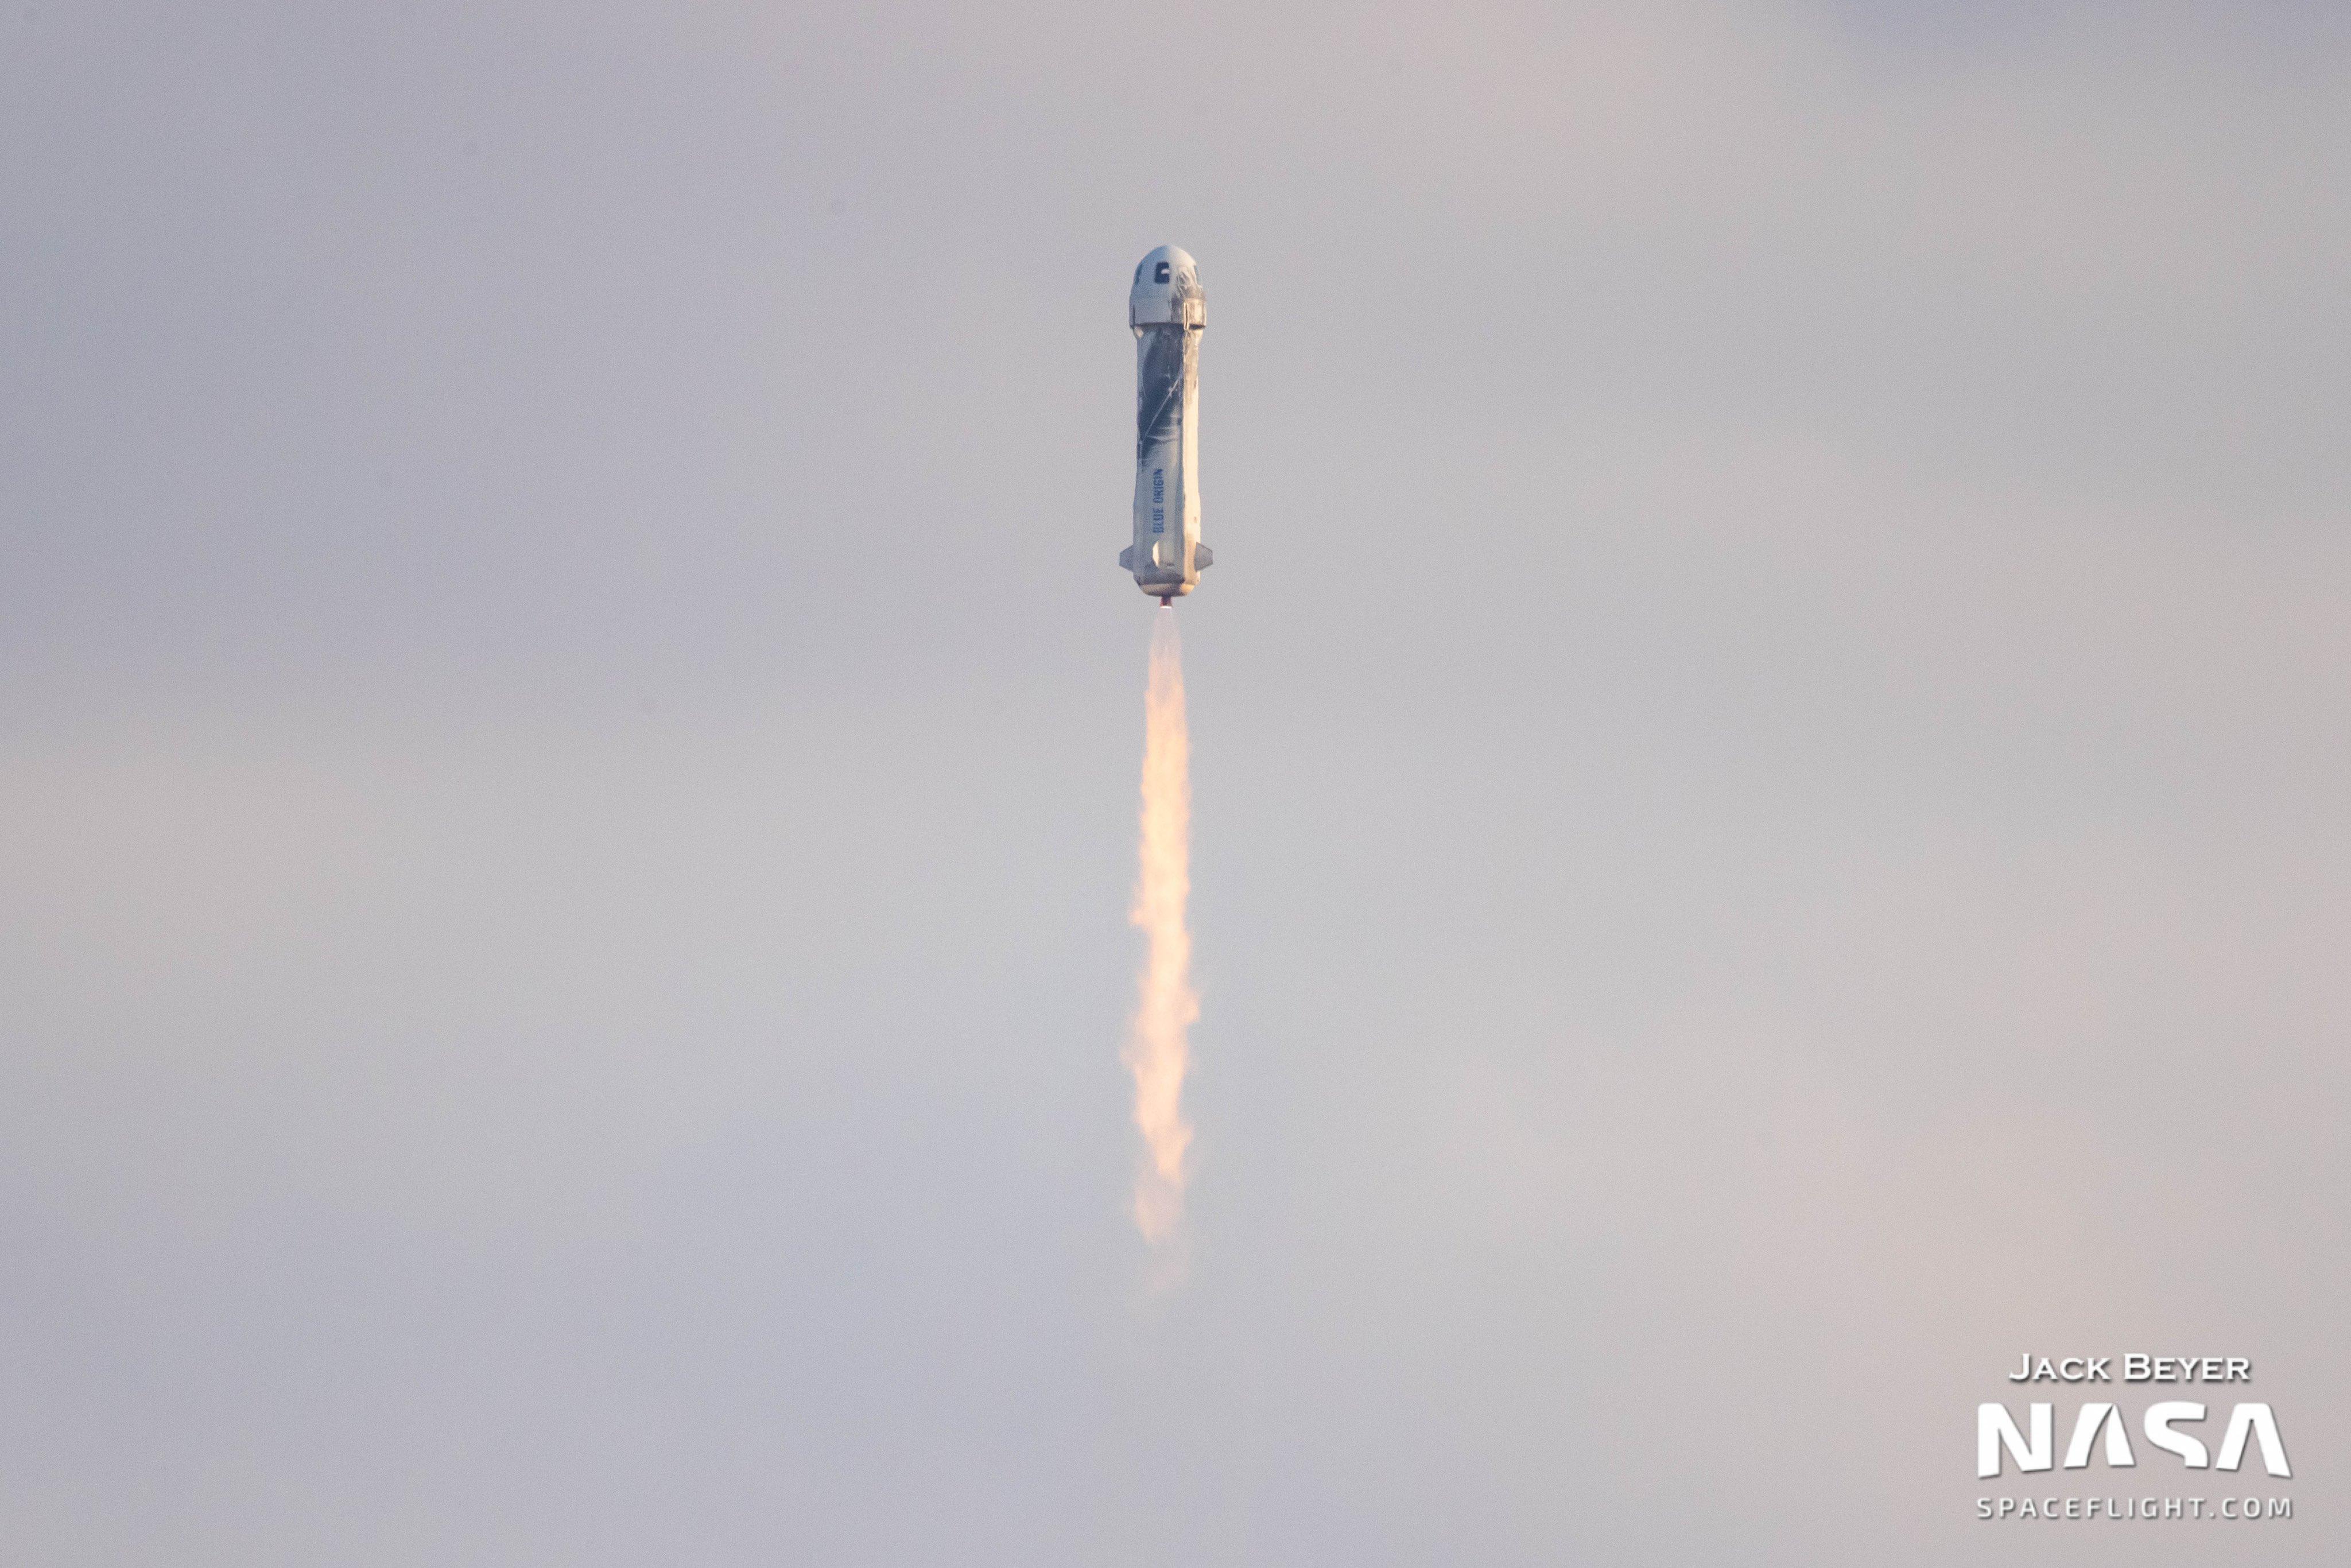 Первый туристический полёт в космос Blue Origin в качественных фотографиях